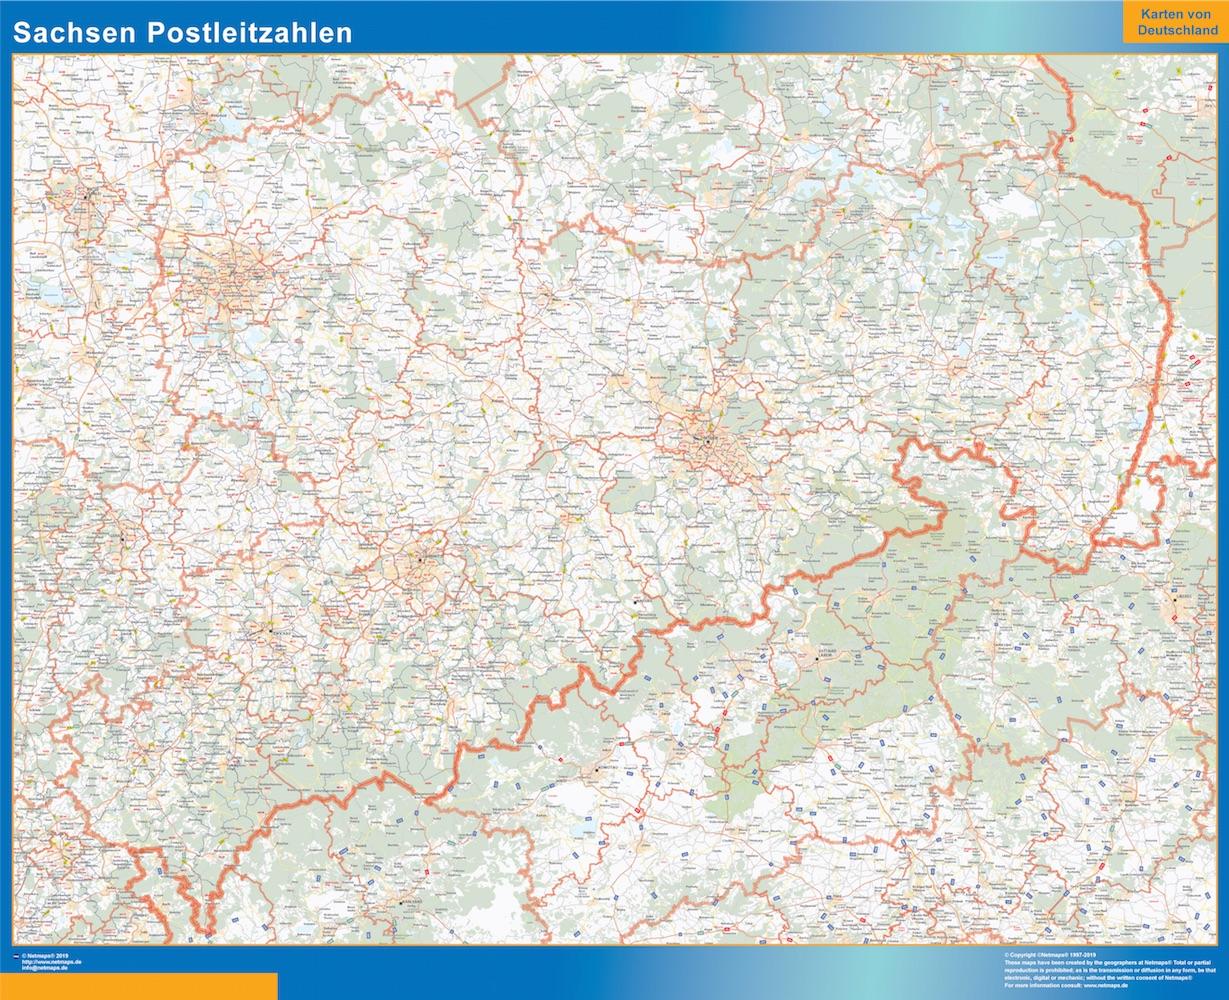 Sachsen Postleitzahlen